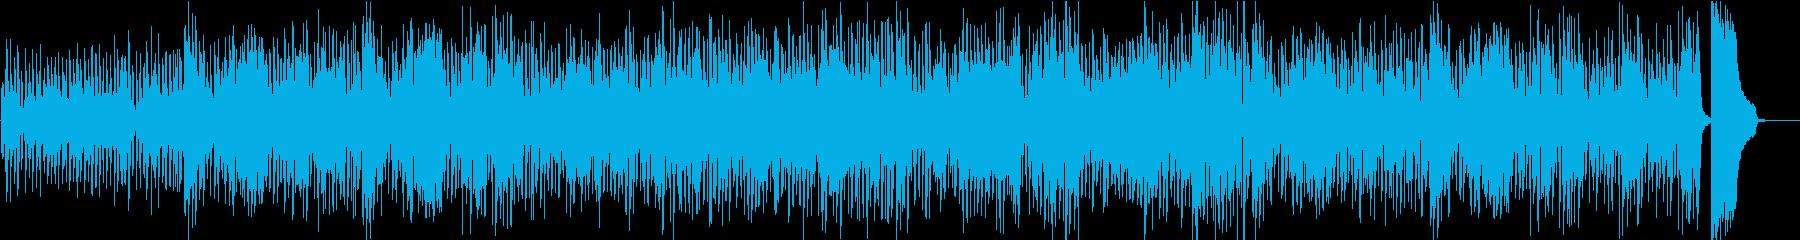 トランペットとサックスの軽快なブルースの再生済みの波形